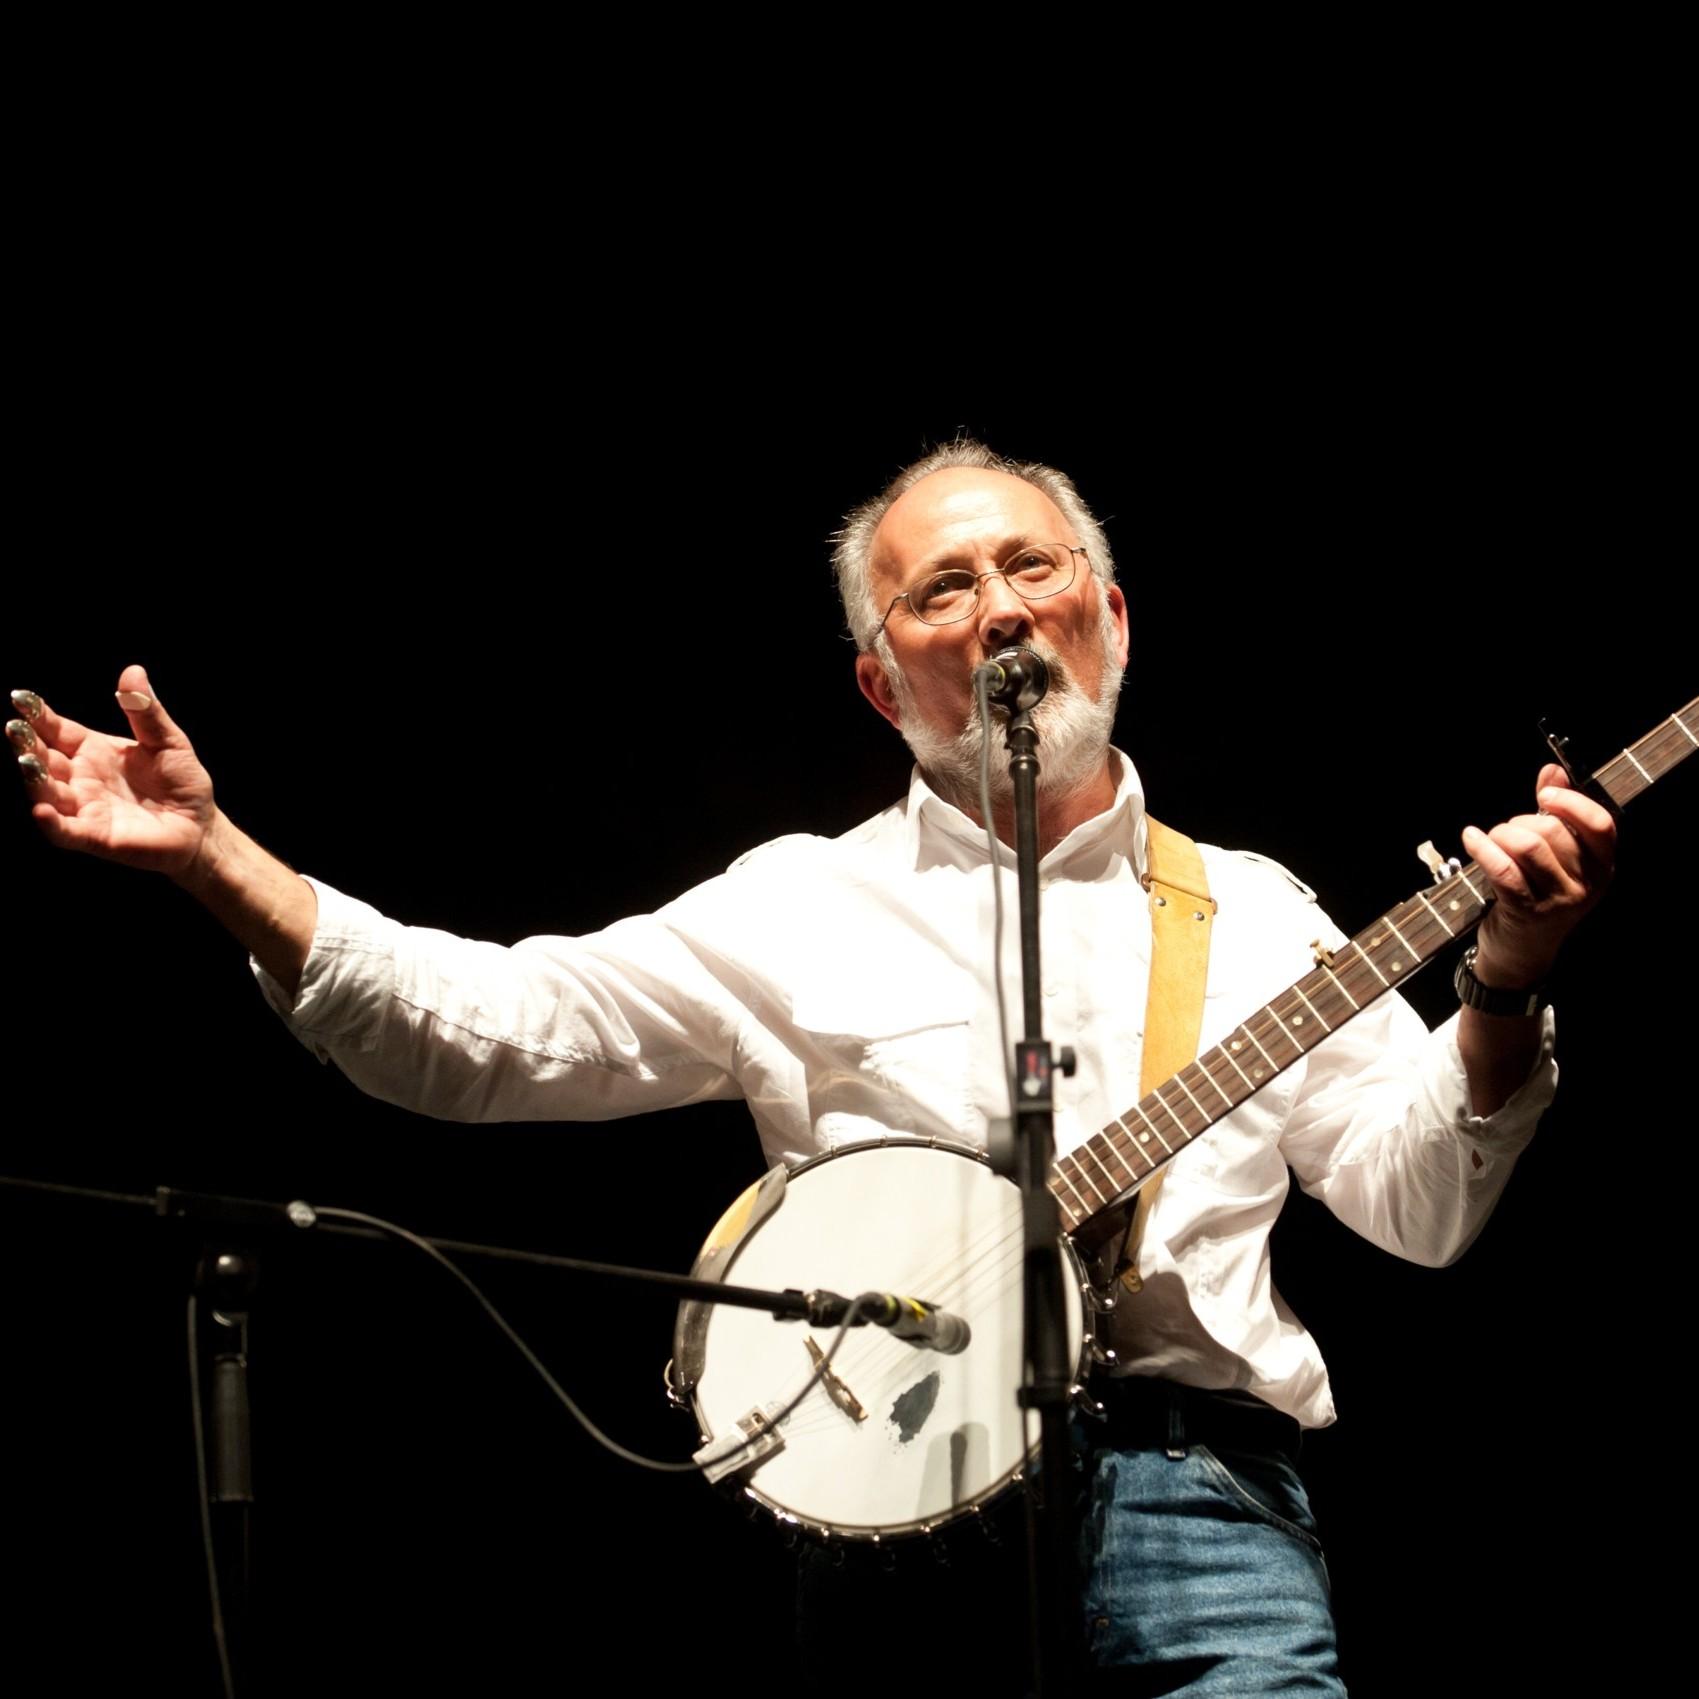 Fergus O'Byrne